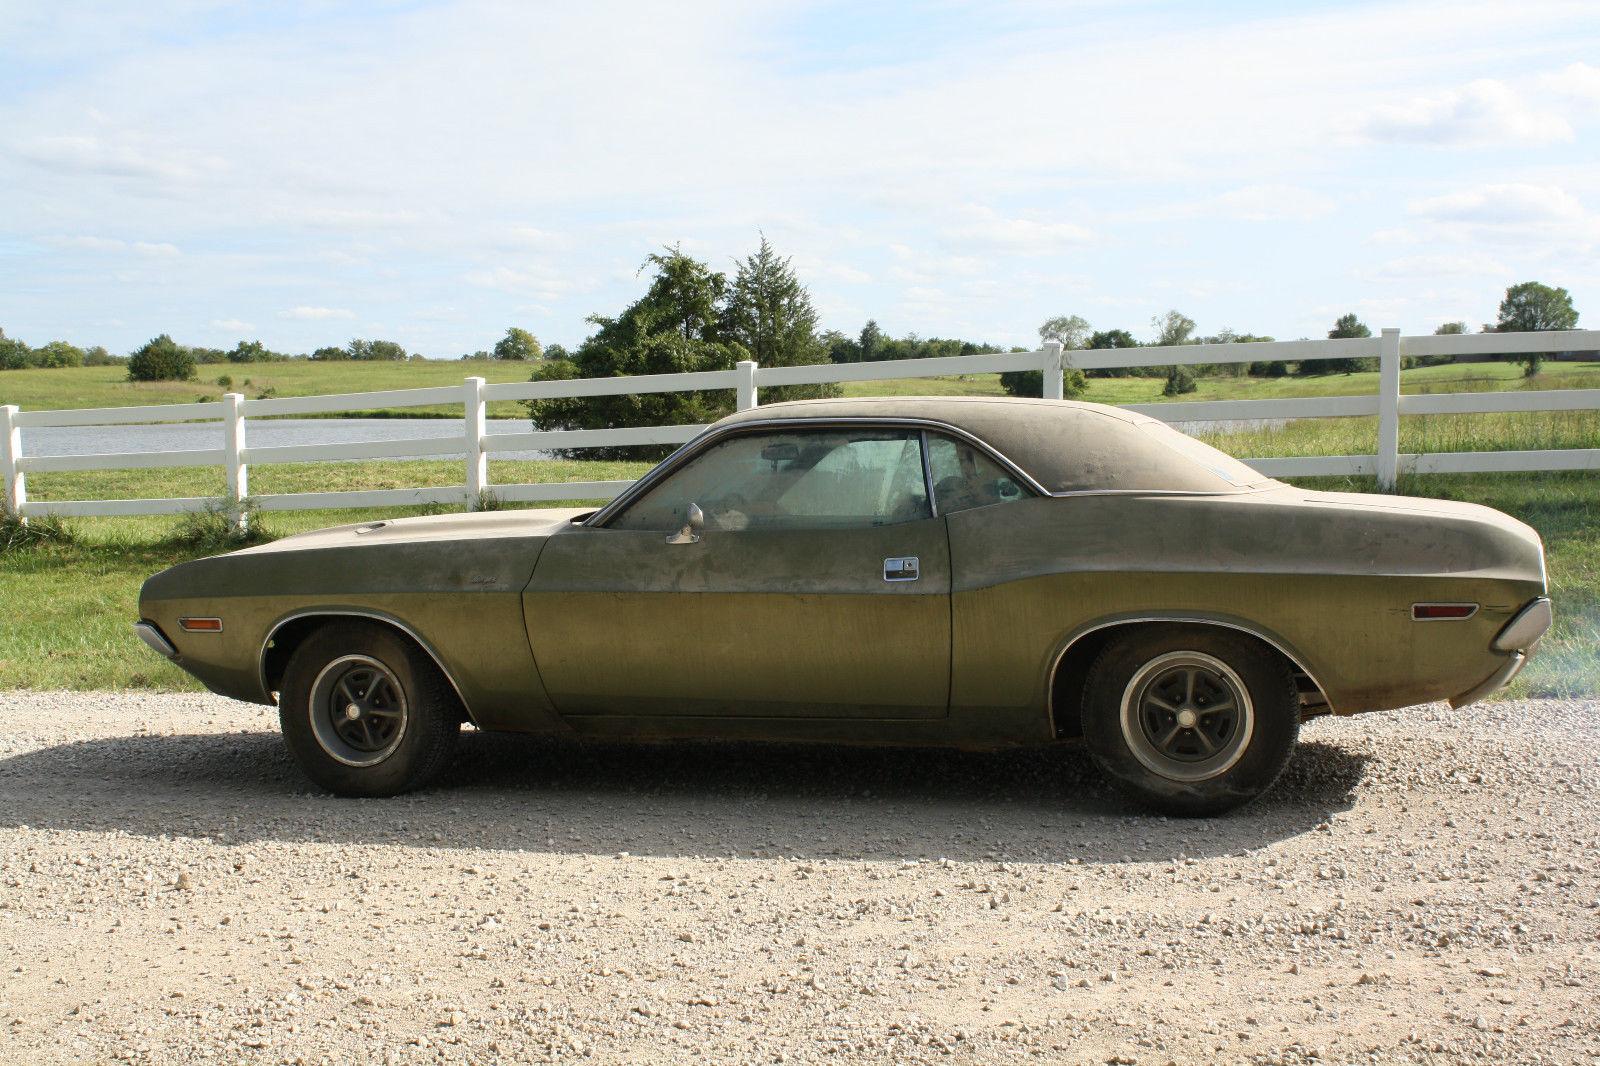 Dodge Hellcat For Sale >> 1970 Dodge Challenger R/T Barn Find on eBay | Mopar Blog